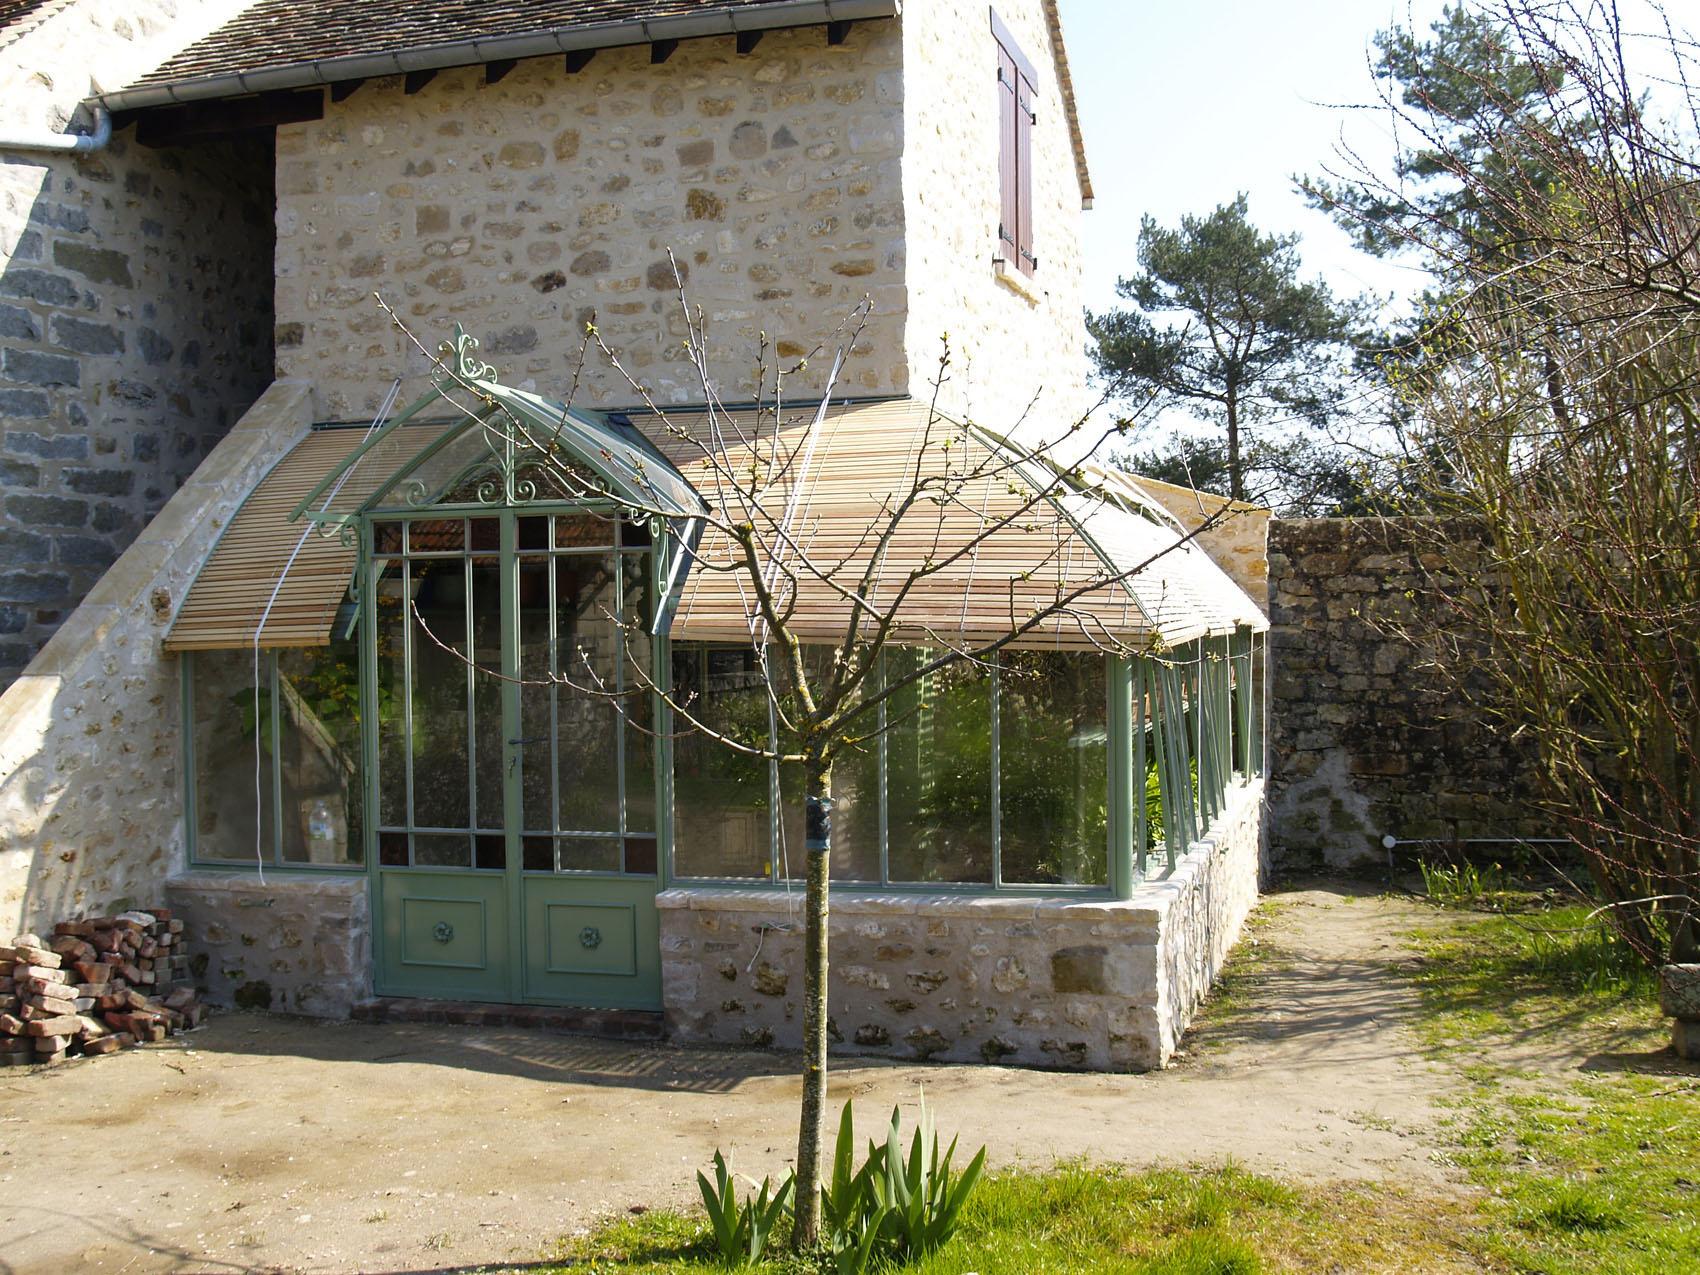 Lean-To Greenhouses   Serres Et Ferronneries D'antan pour Serres Adossées